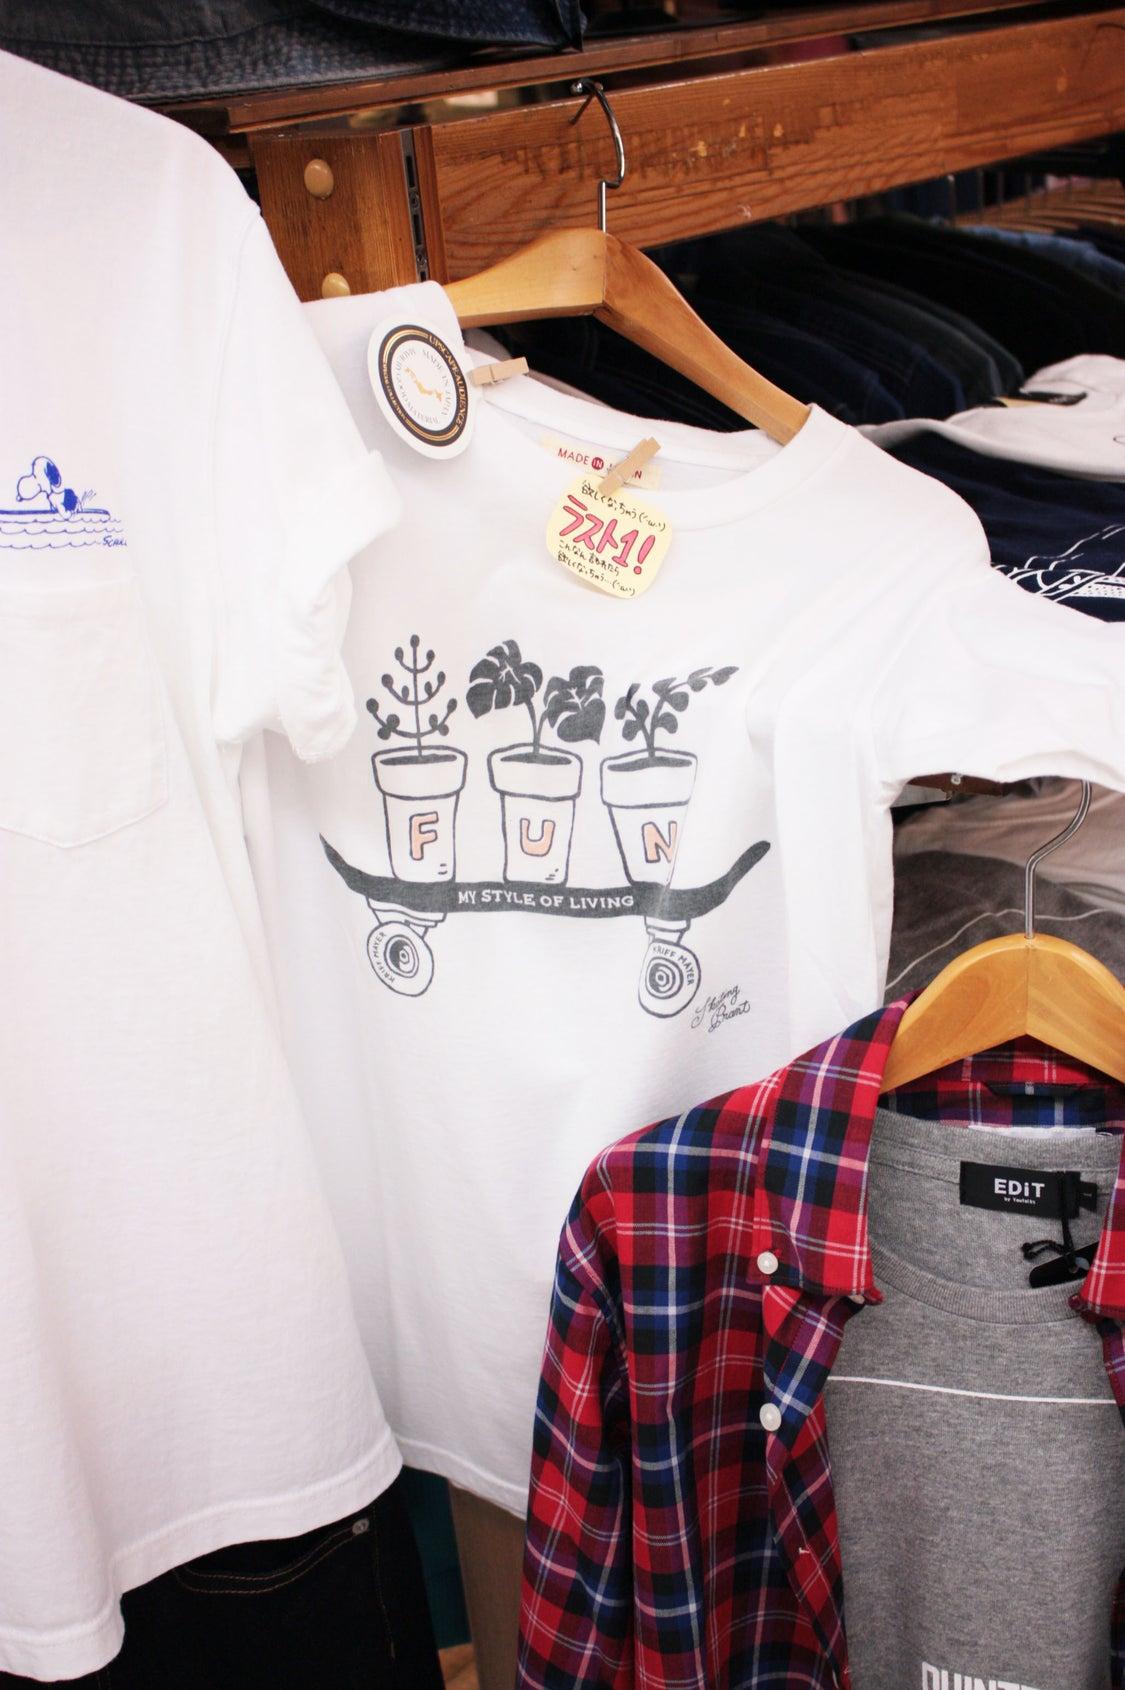 fbから追加もあり☆ラス1・ラス1・ラス1・・・店内「秋物」までラス1オンパレード(笑) の記事より